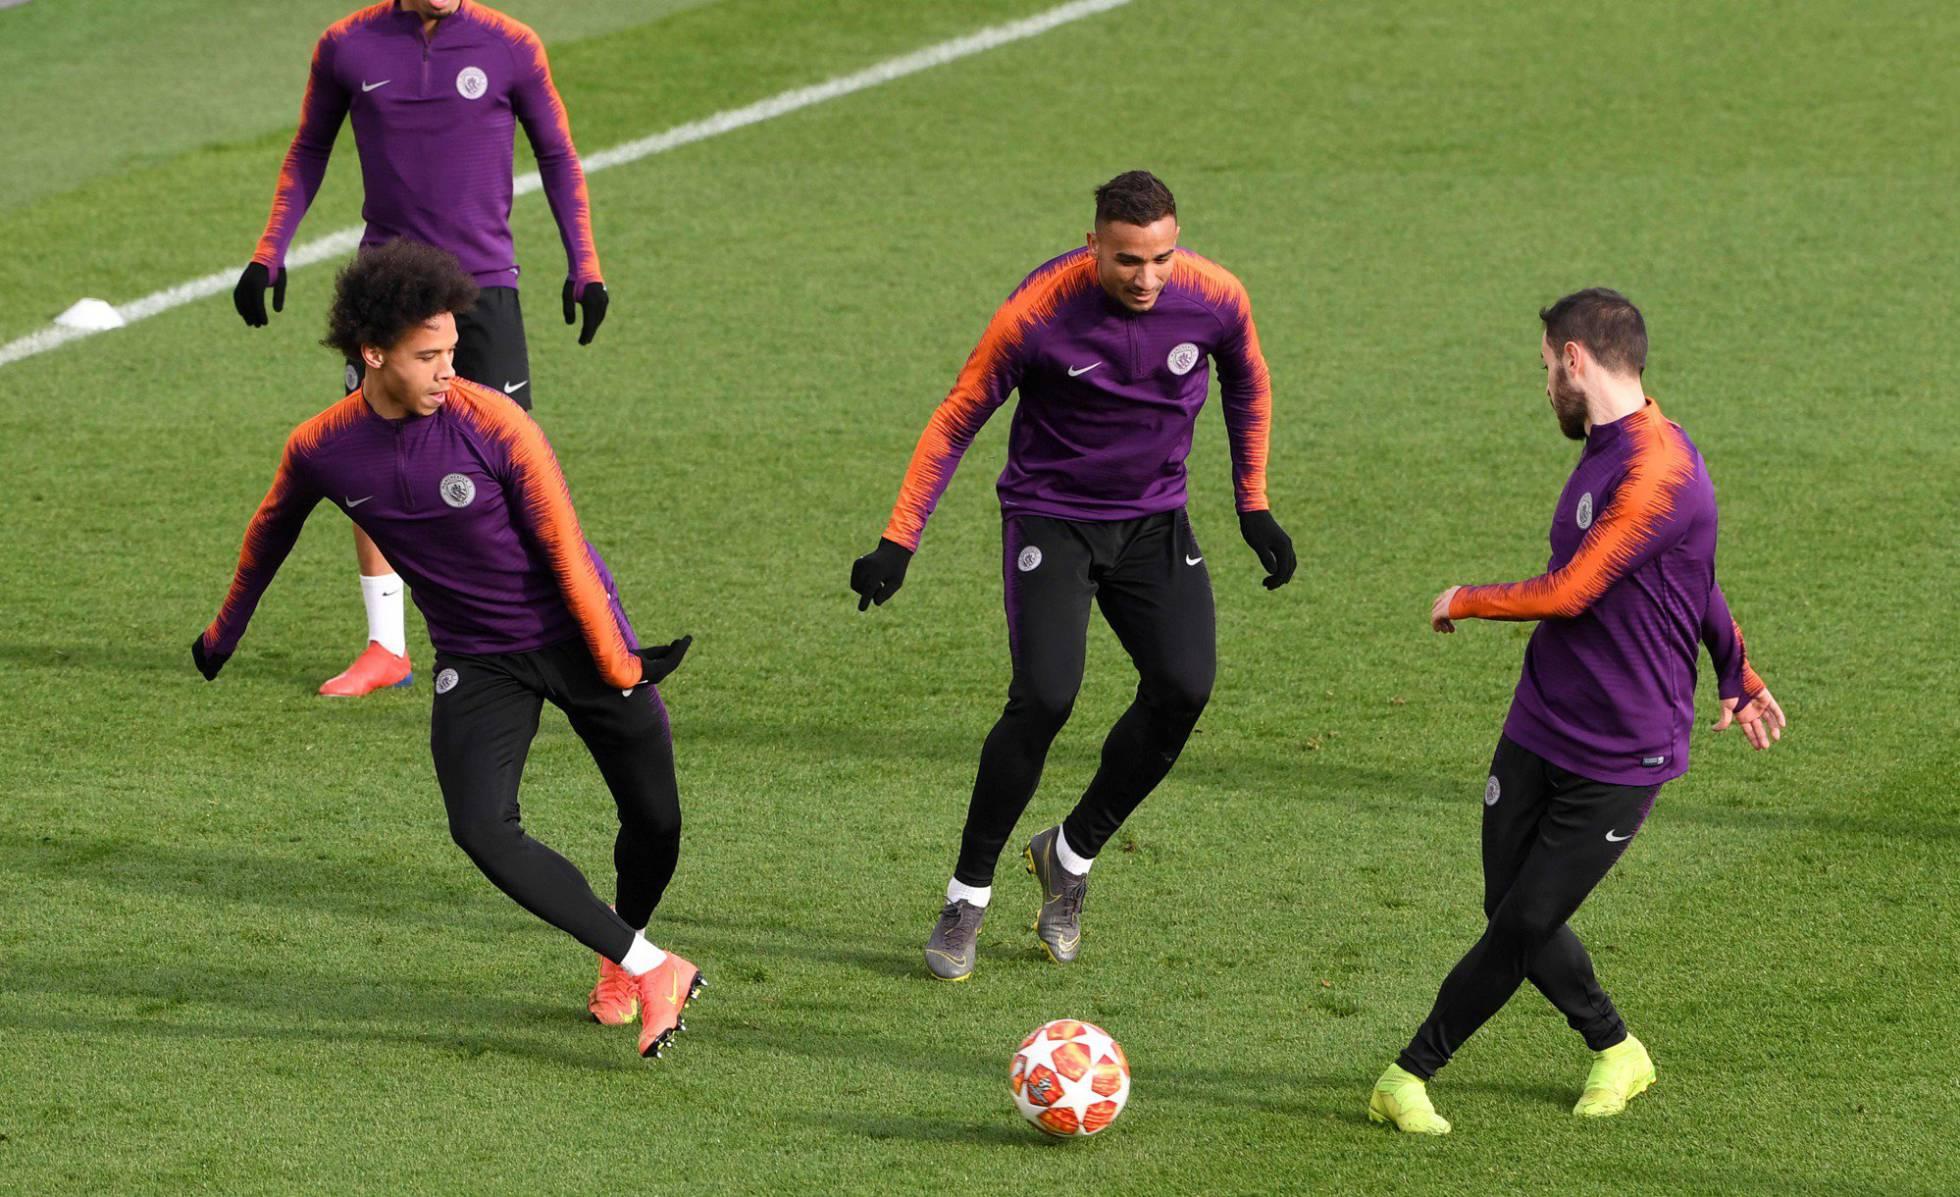 La primavera anticipada del Manchester City